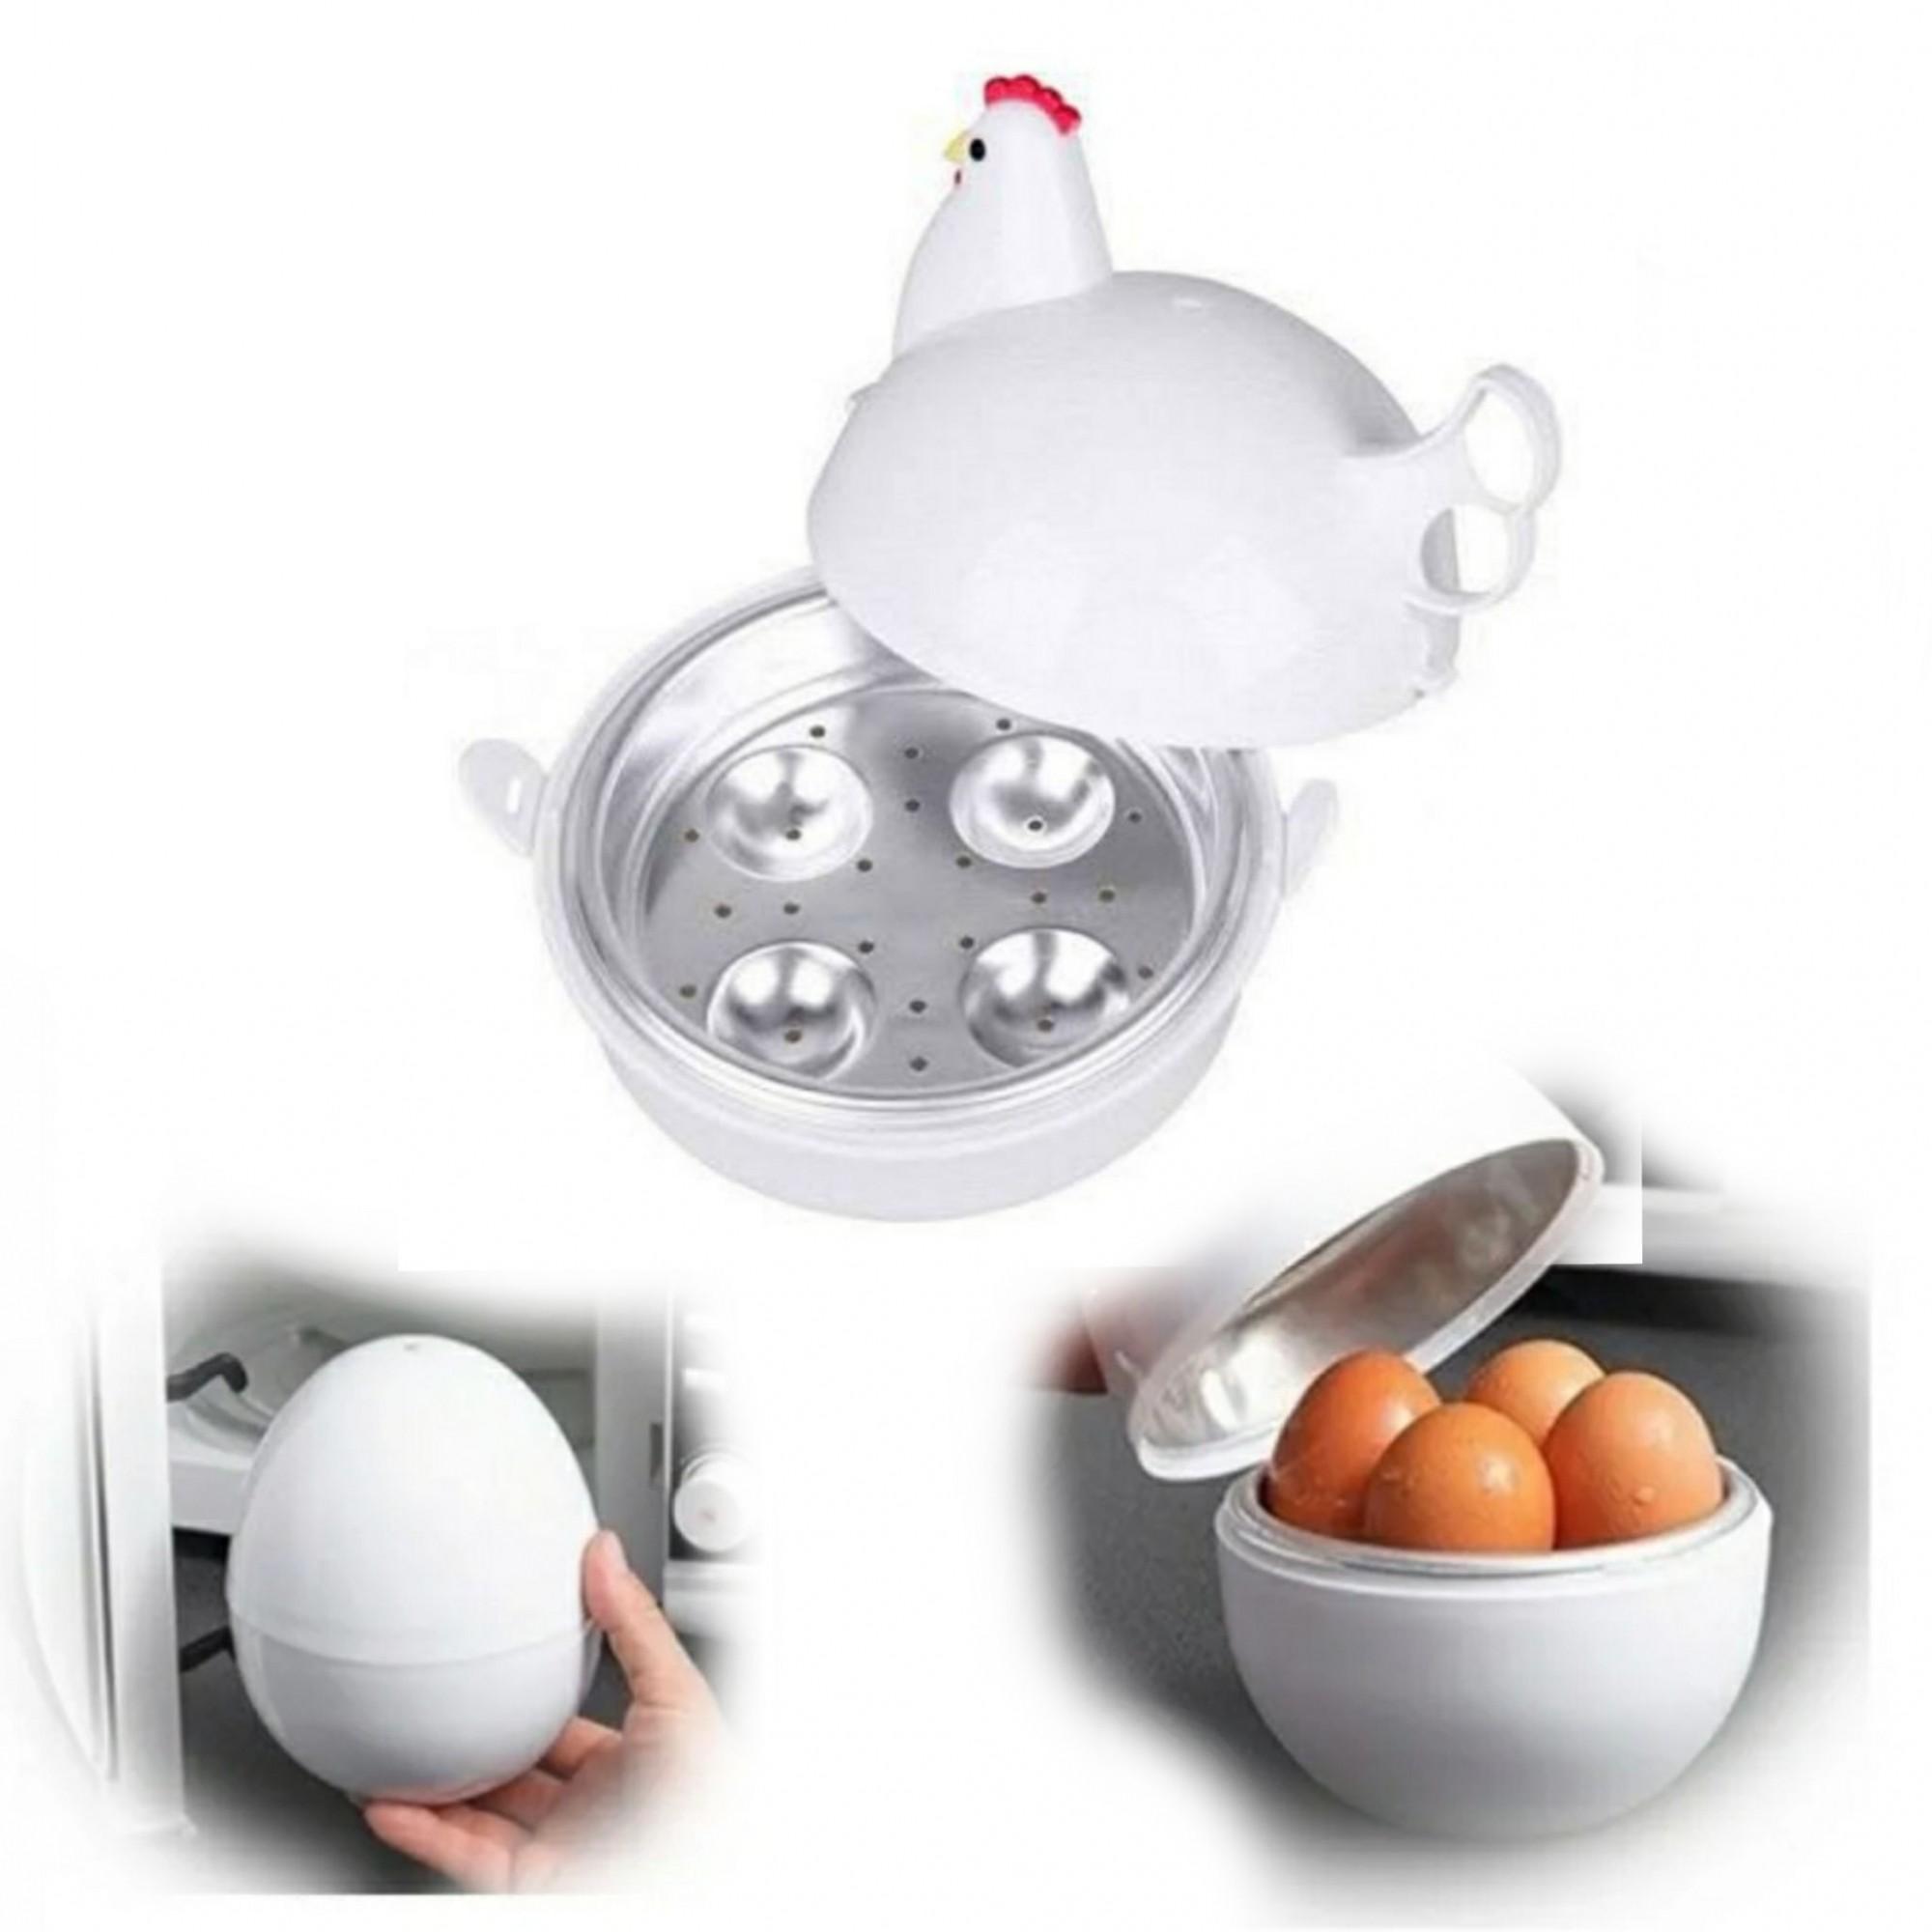 Kit 1 Marmita de 3 divisórias (cores) e 1 Egg Boiller Galinha - cozinha ovo no microondas